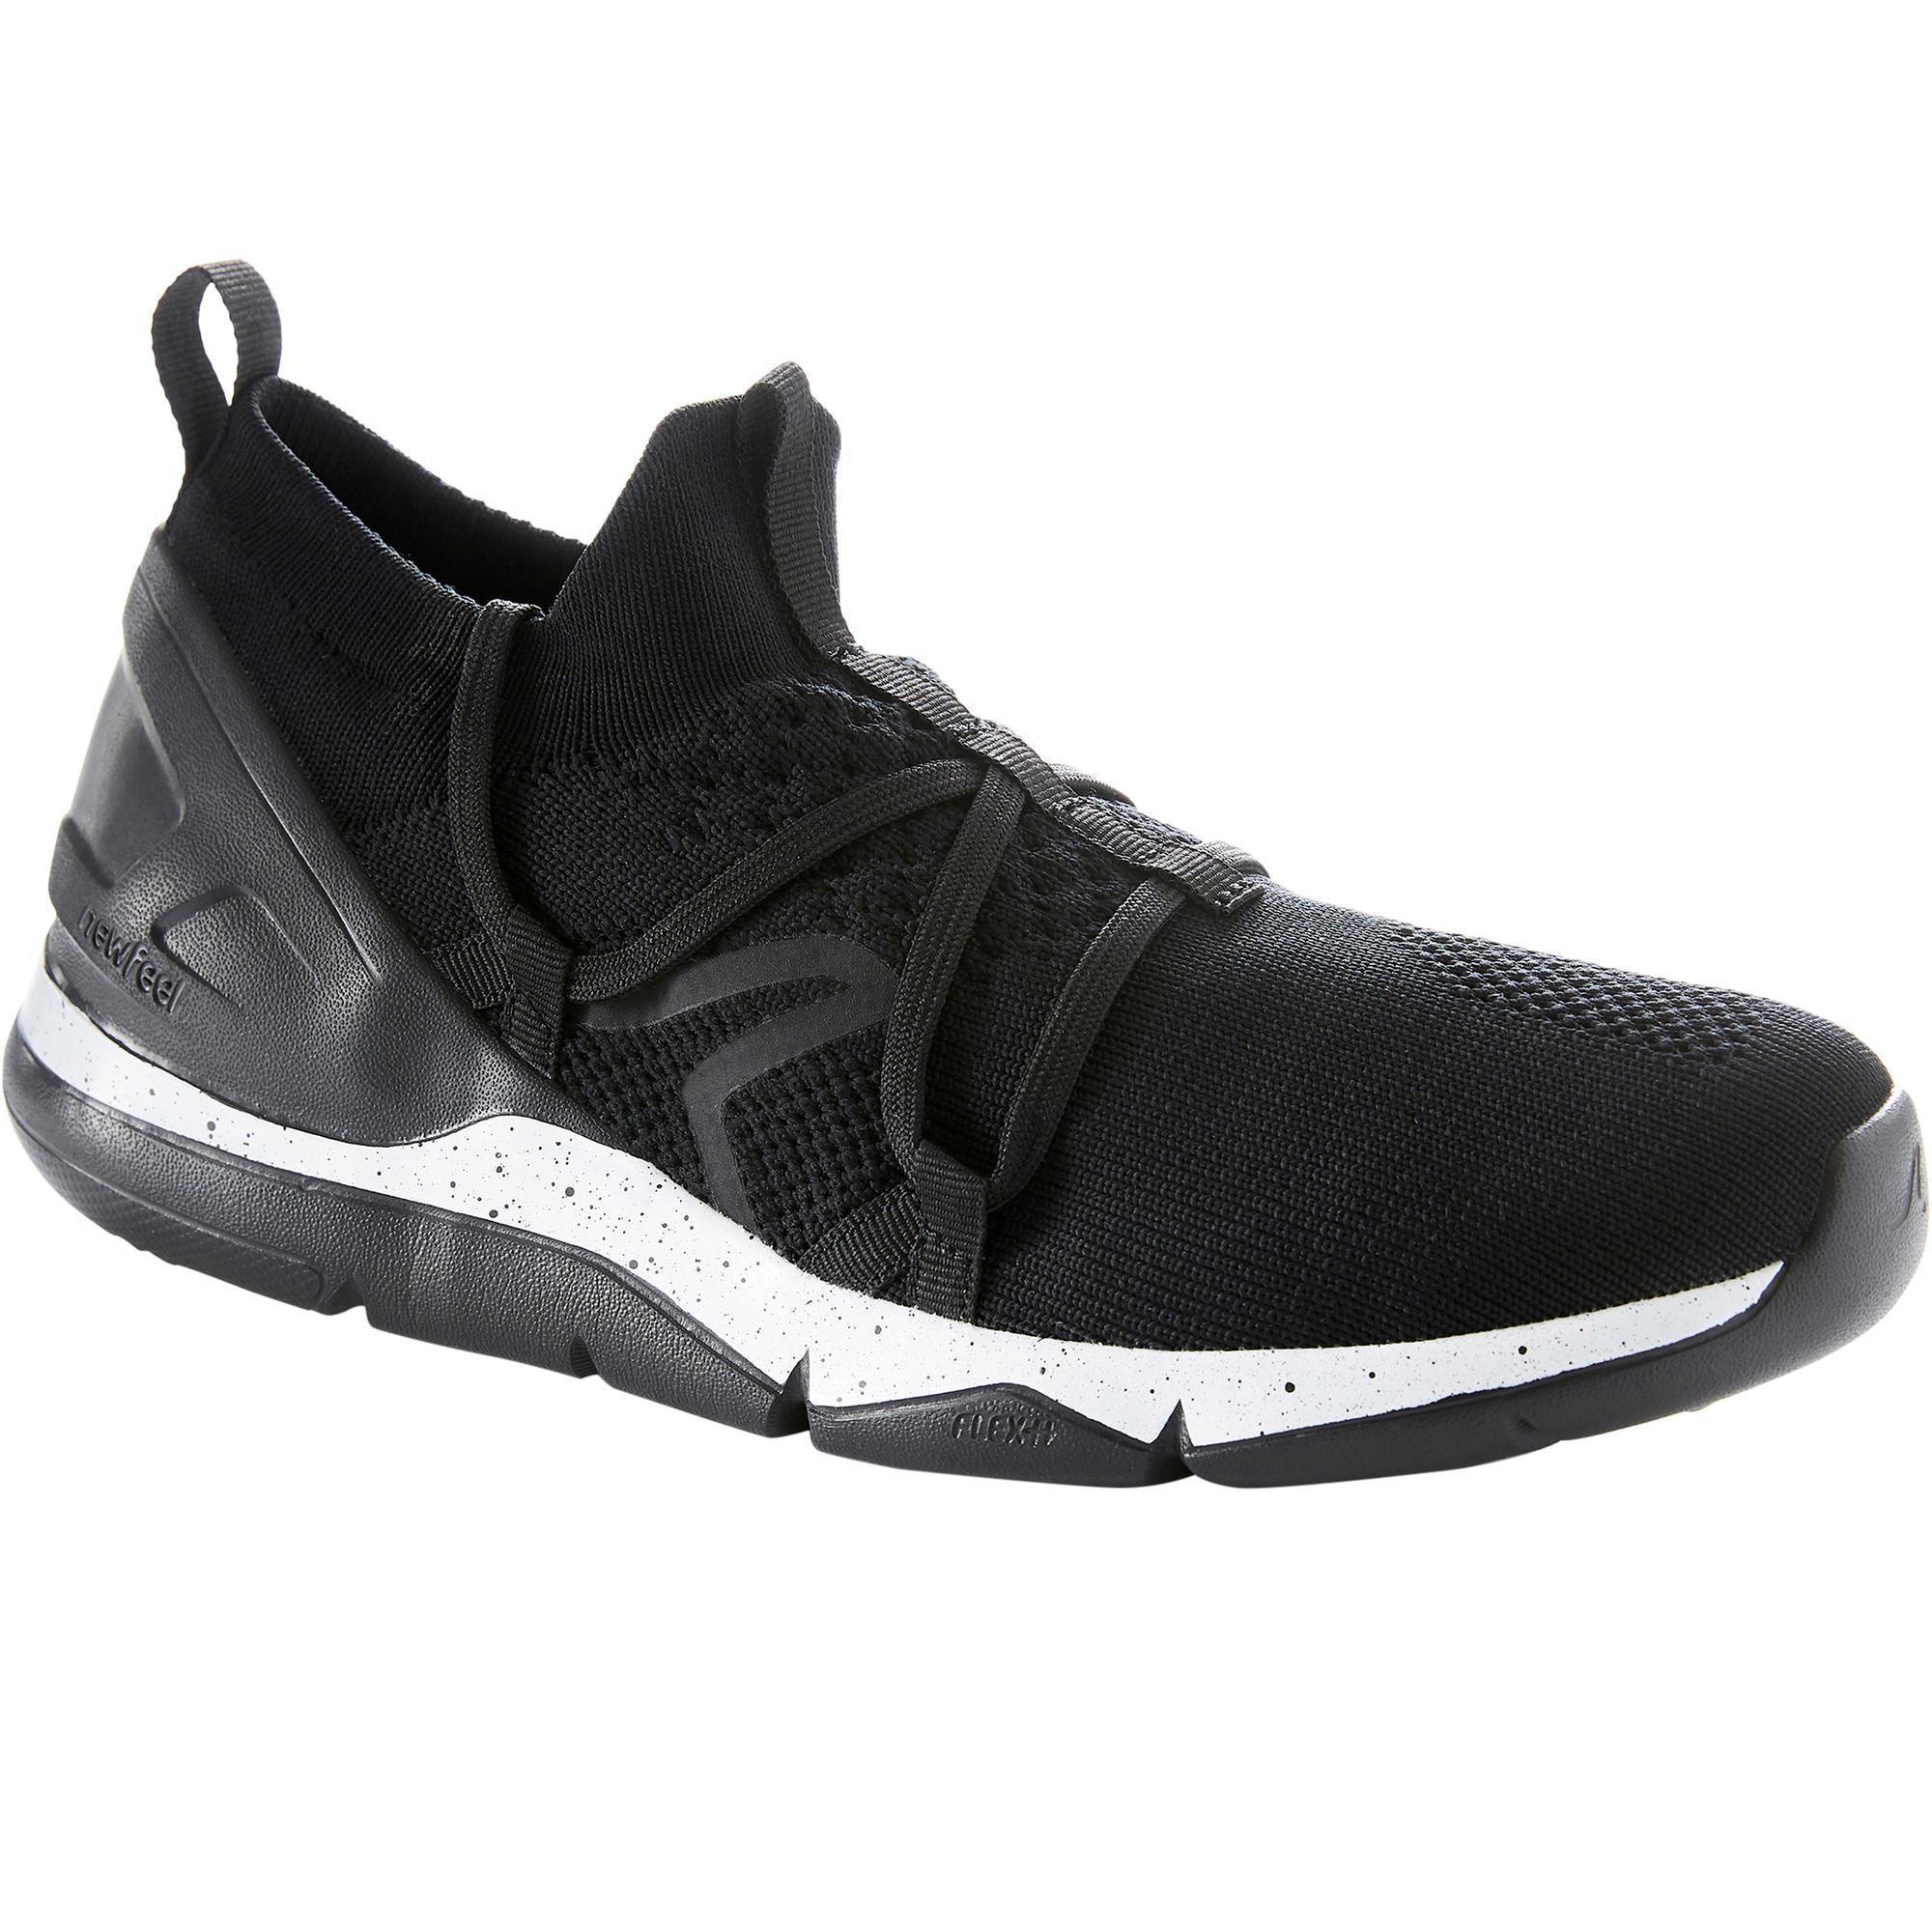 faa3d15351 Comprar Zapatillas de Andar para Mujer | Decathlon